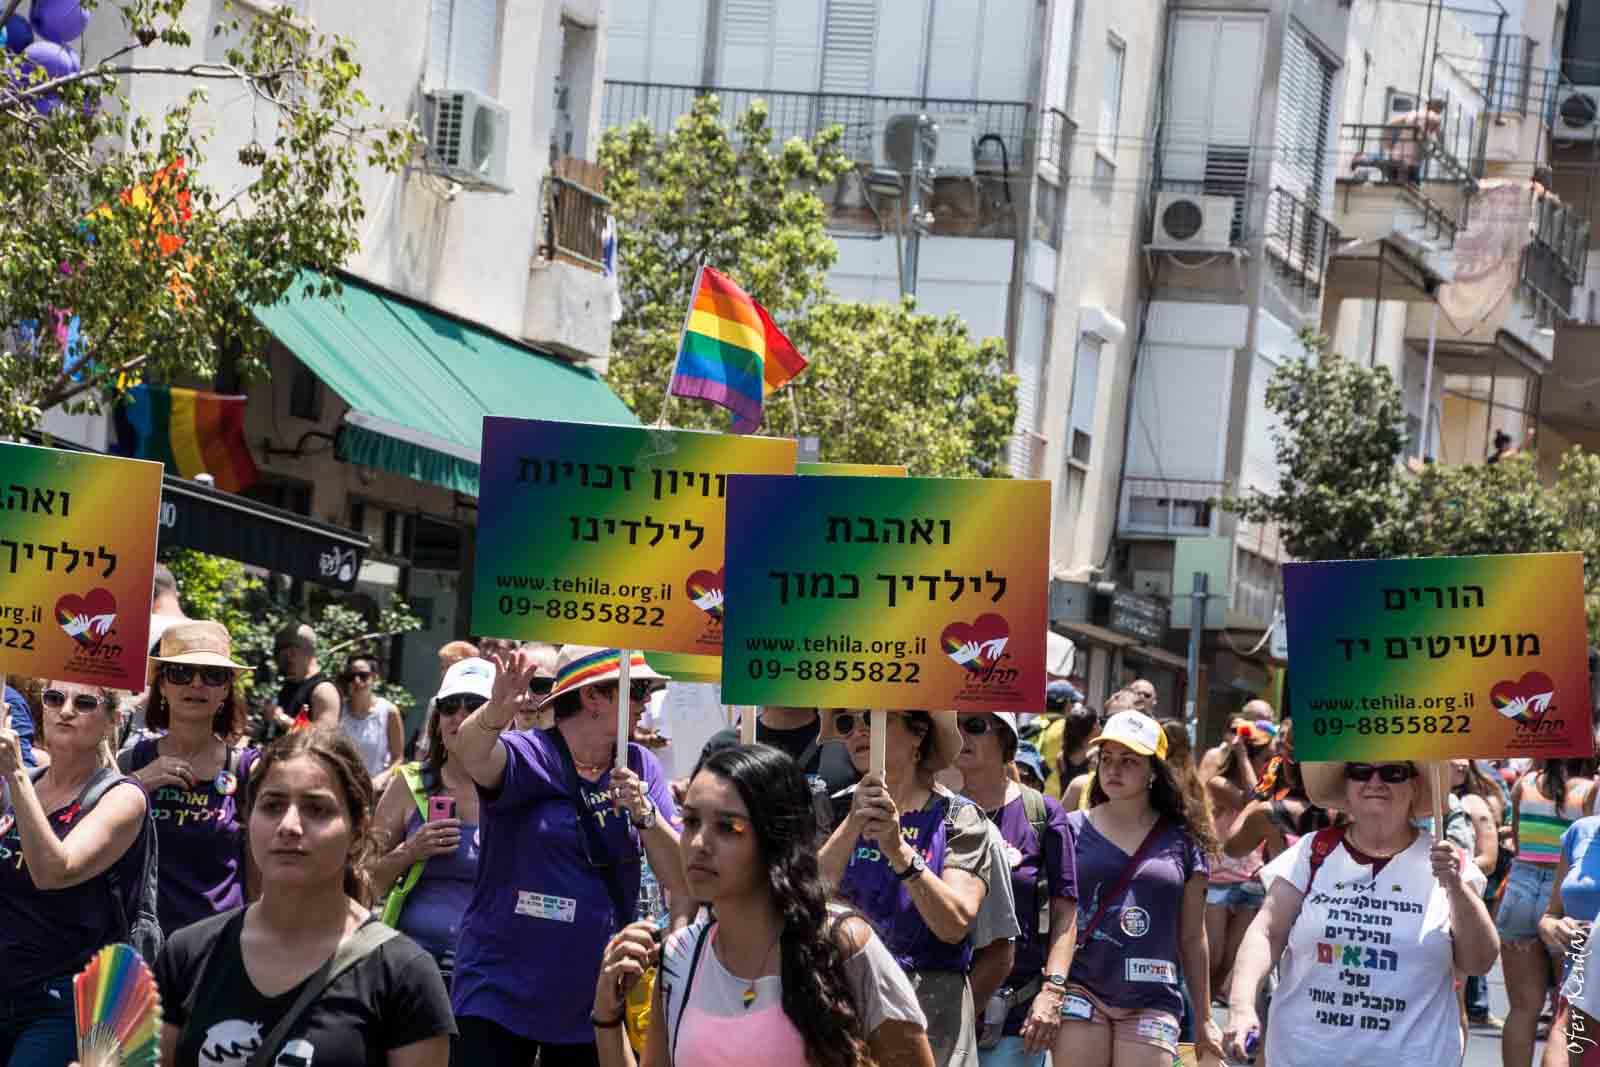 תהילה - בלוג הצילום במצעד הגאווה בתל אביב 2014 Tel Aviv Pride Parade